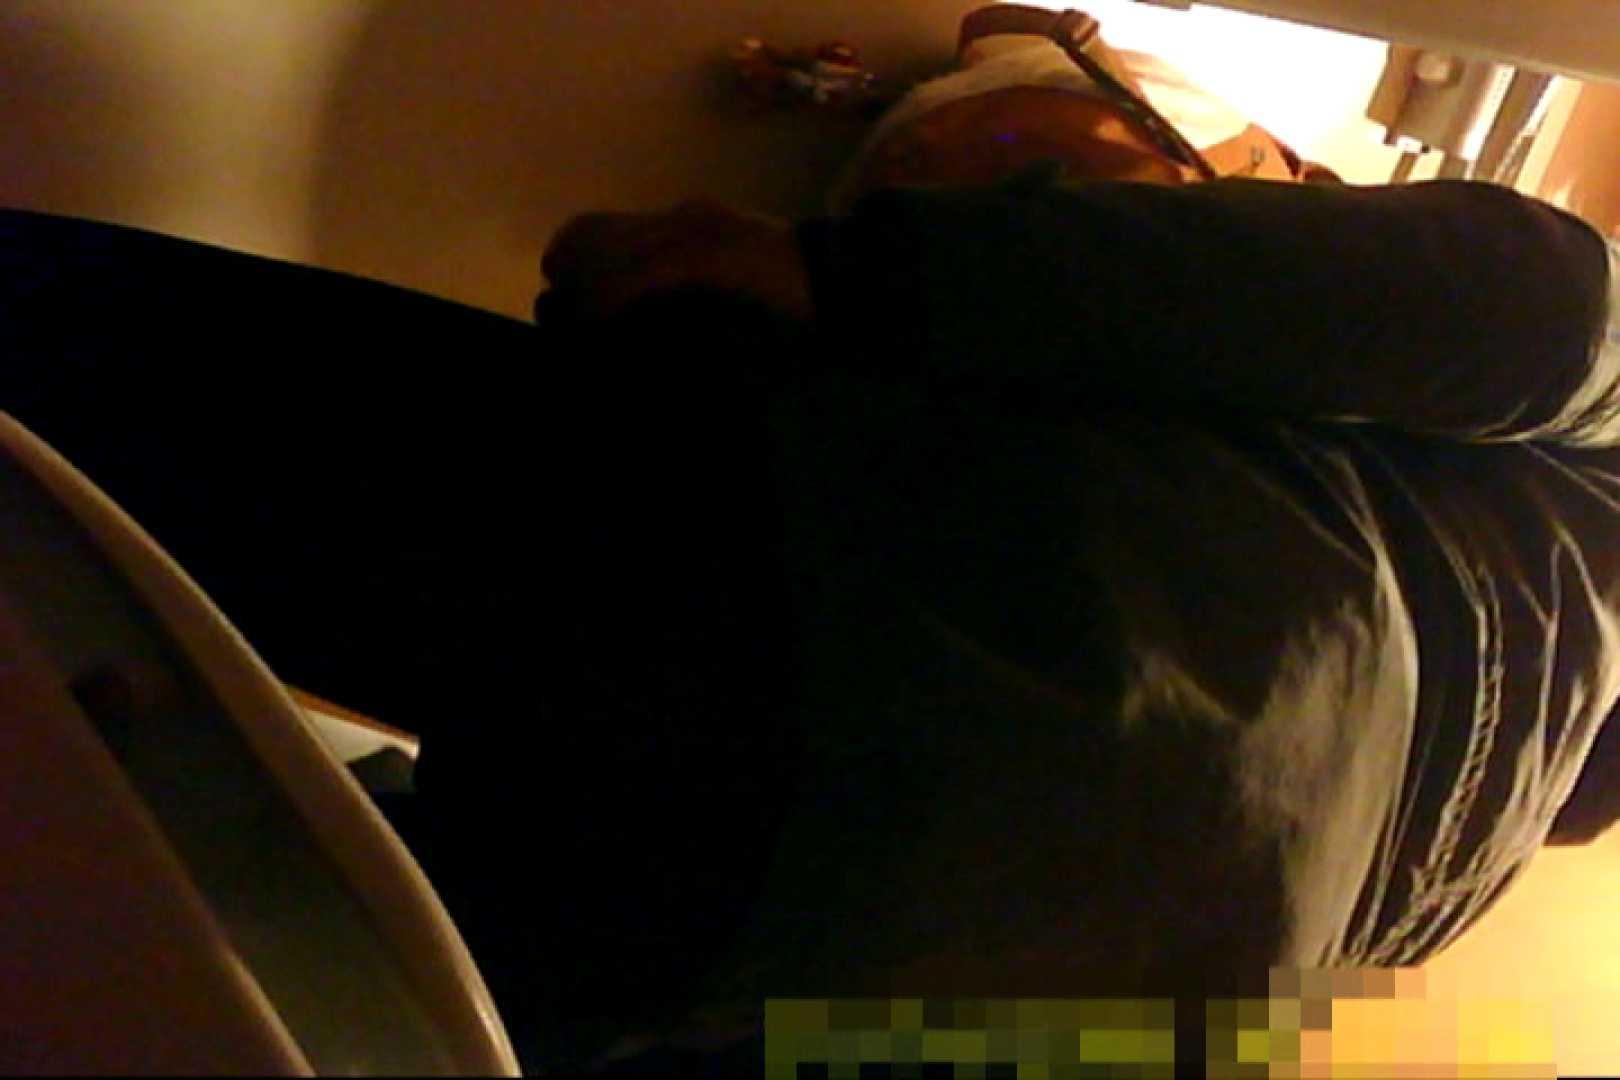 魅惑の化粧室~禁断のプライベート空間~15 超エロお姉さん すけべAV動画紹介 60枚 46